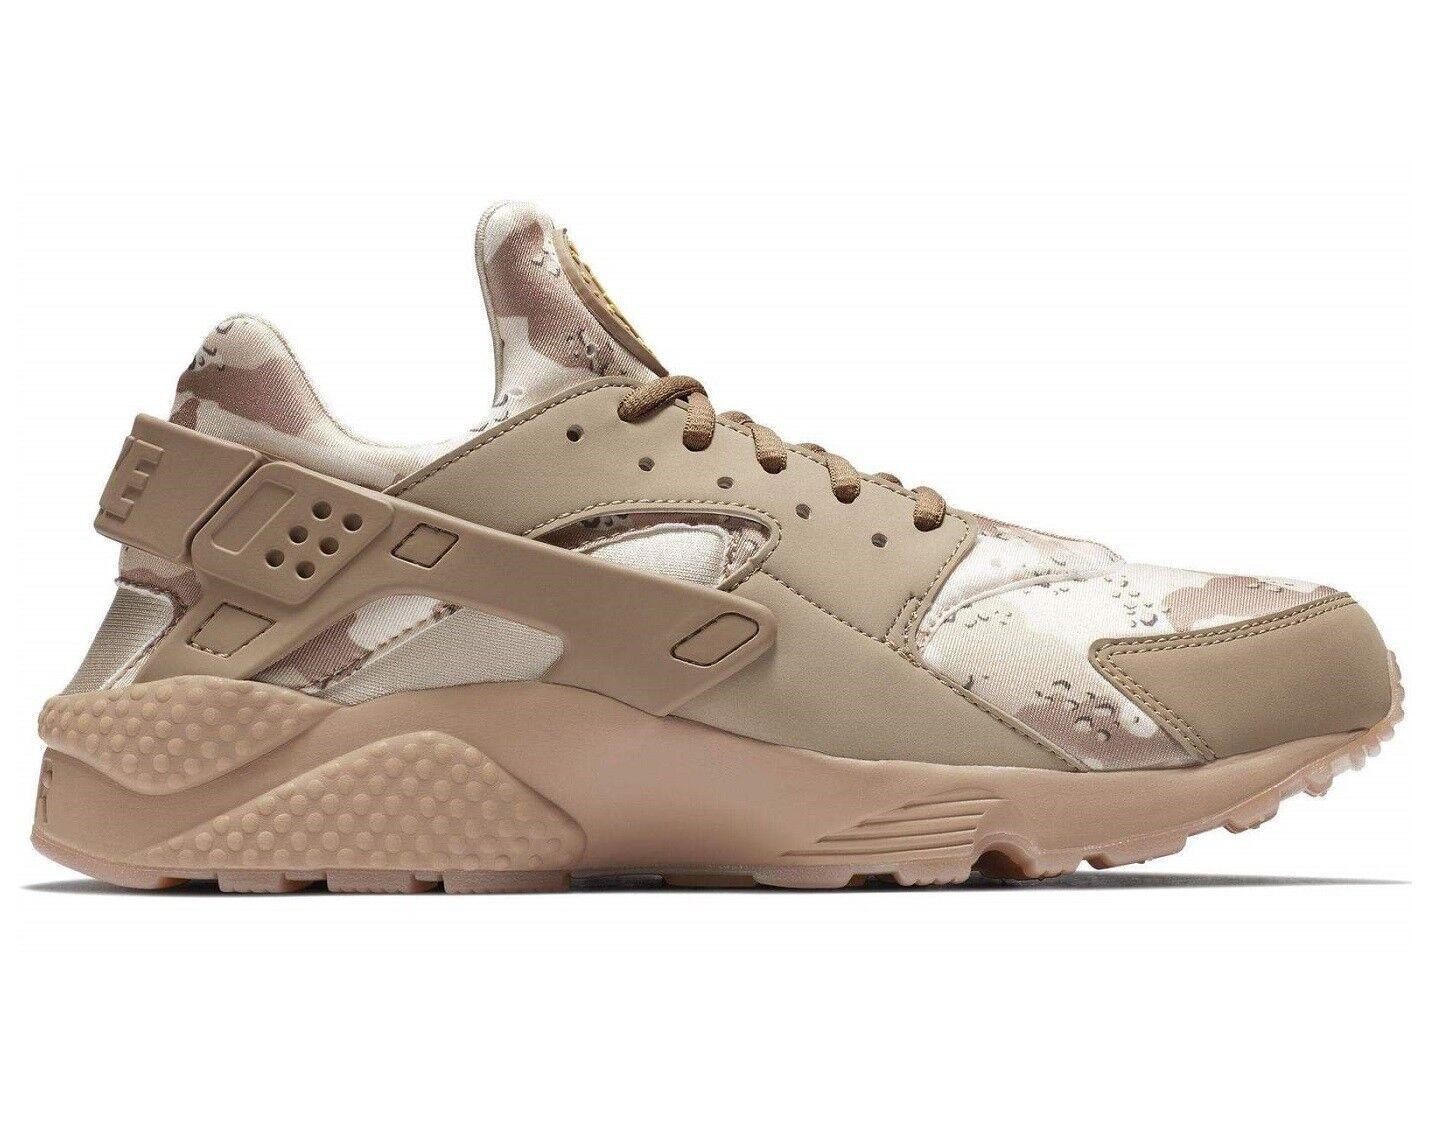 Nike air huarache correre deserto mimetico Uomo at6156-200 ocra 13 Uomoa scorpe 13 ocra 47dd10